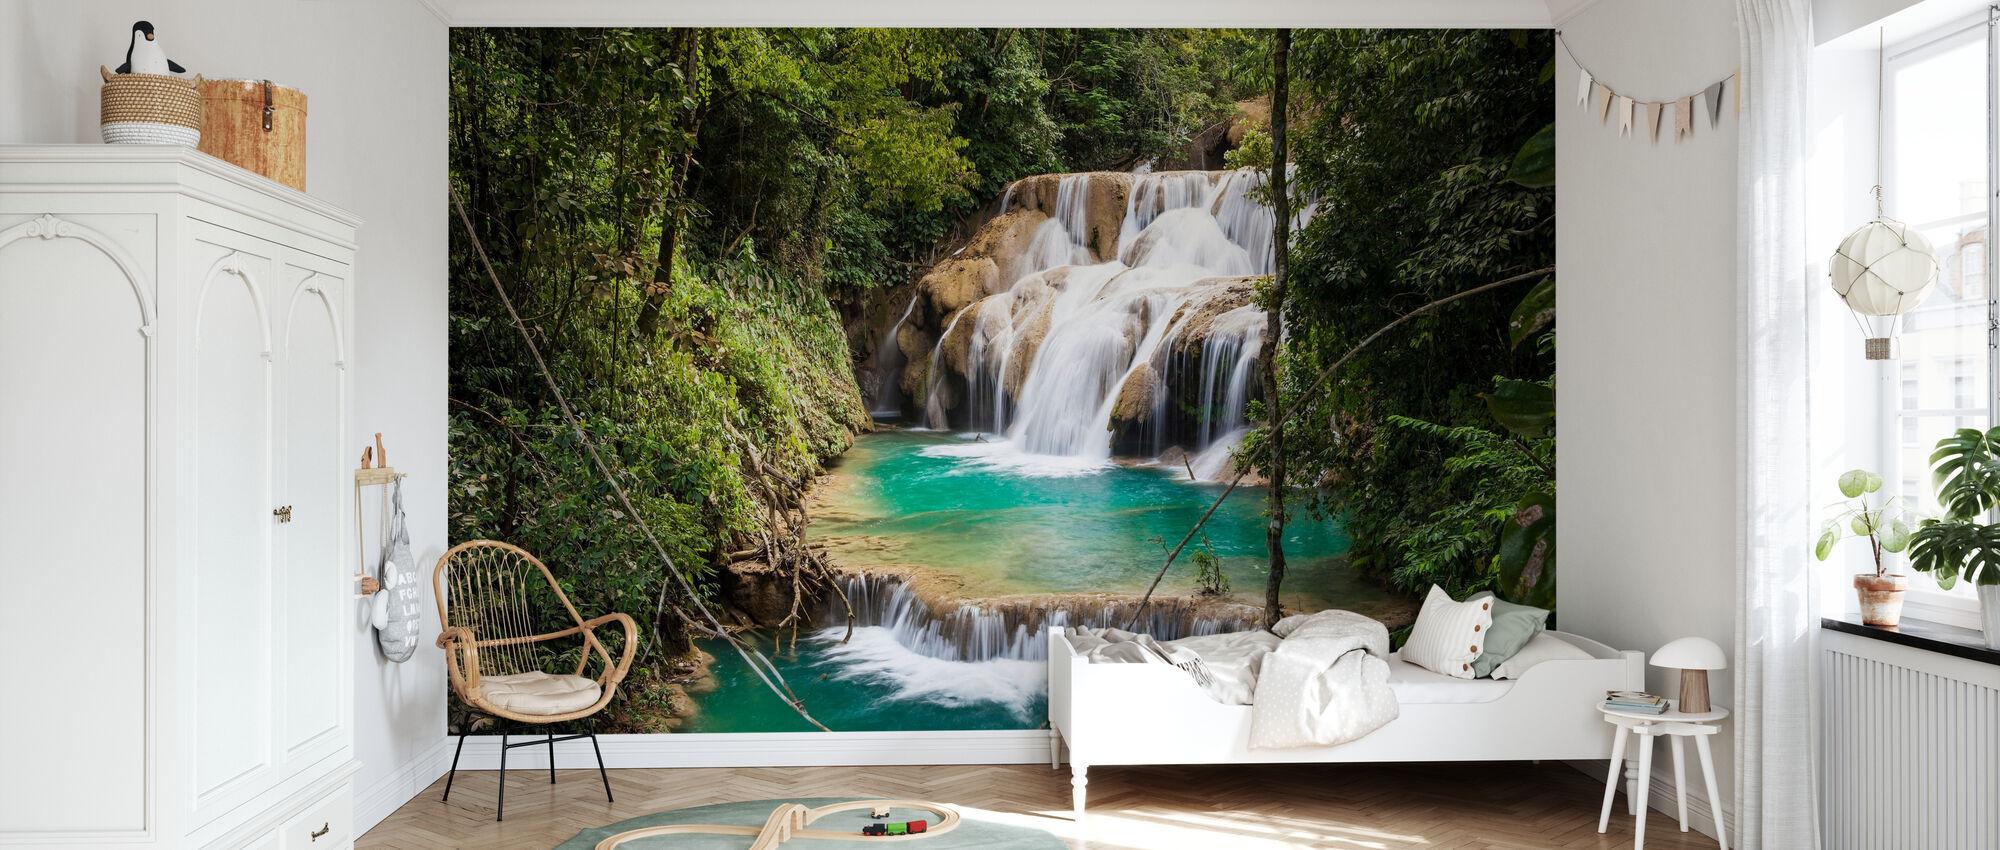 Las Golondrinas Waterfalls - Wallpaper - Kids Room